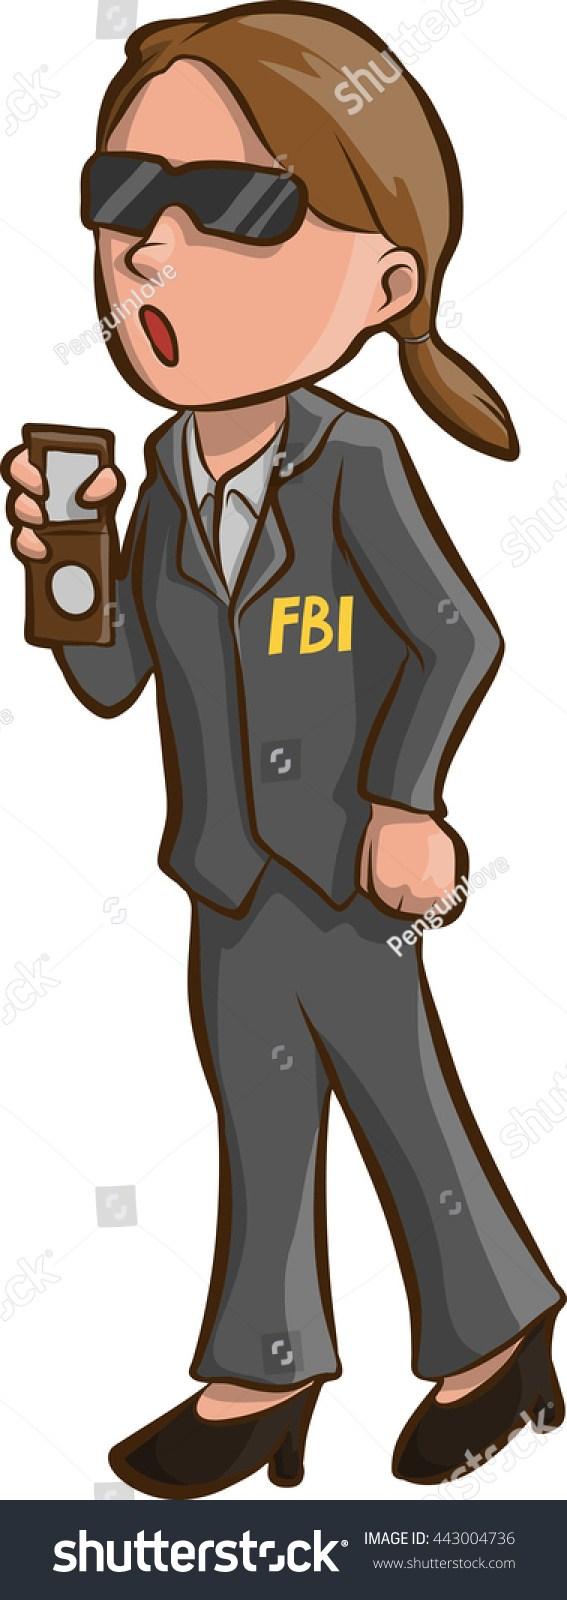 Fbi agent clipart 7 » Clipart Portal.